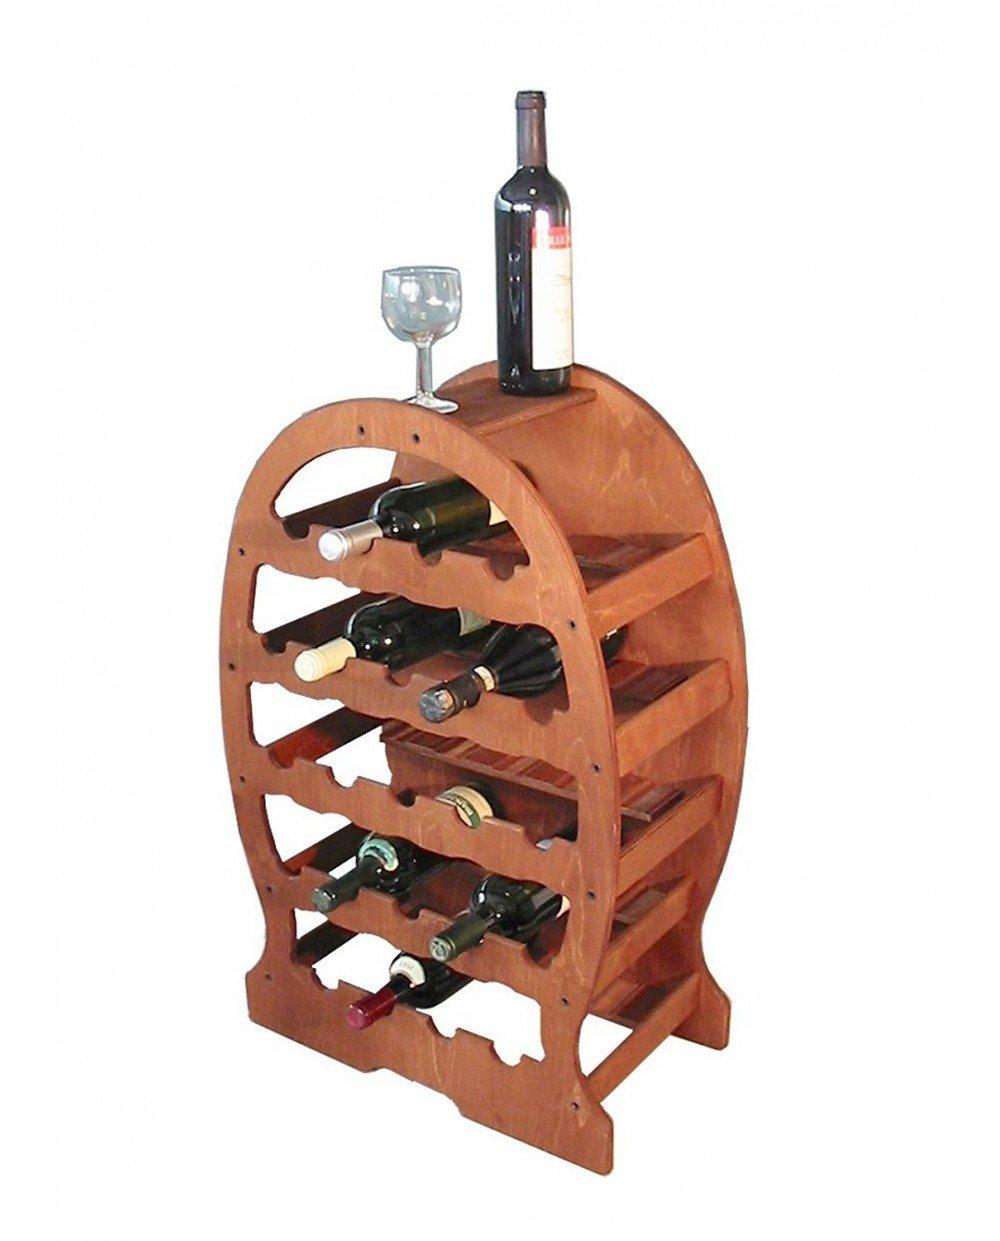 Mobiletto porta bottiglie mobile cantinetta porta - Mobile porta vino ...